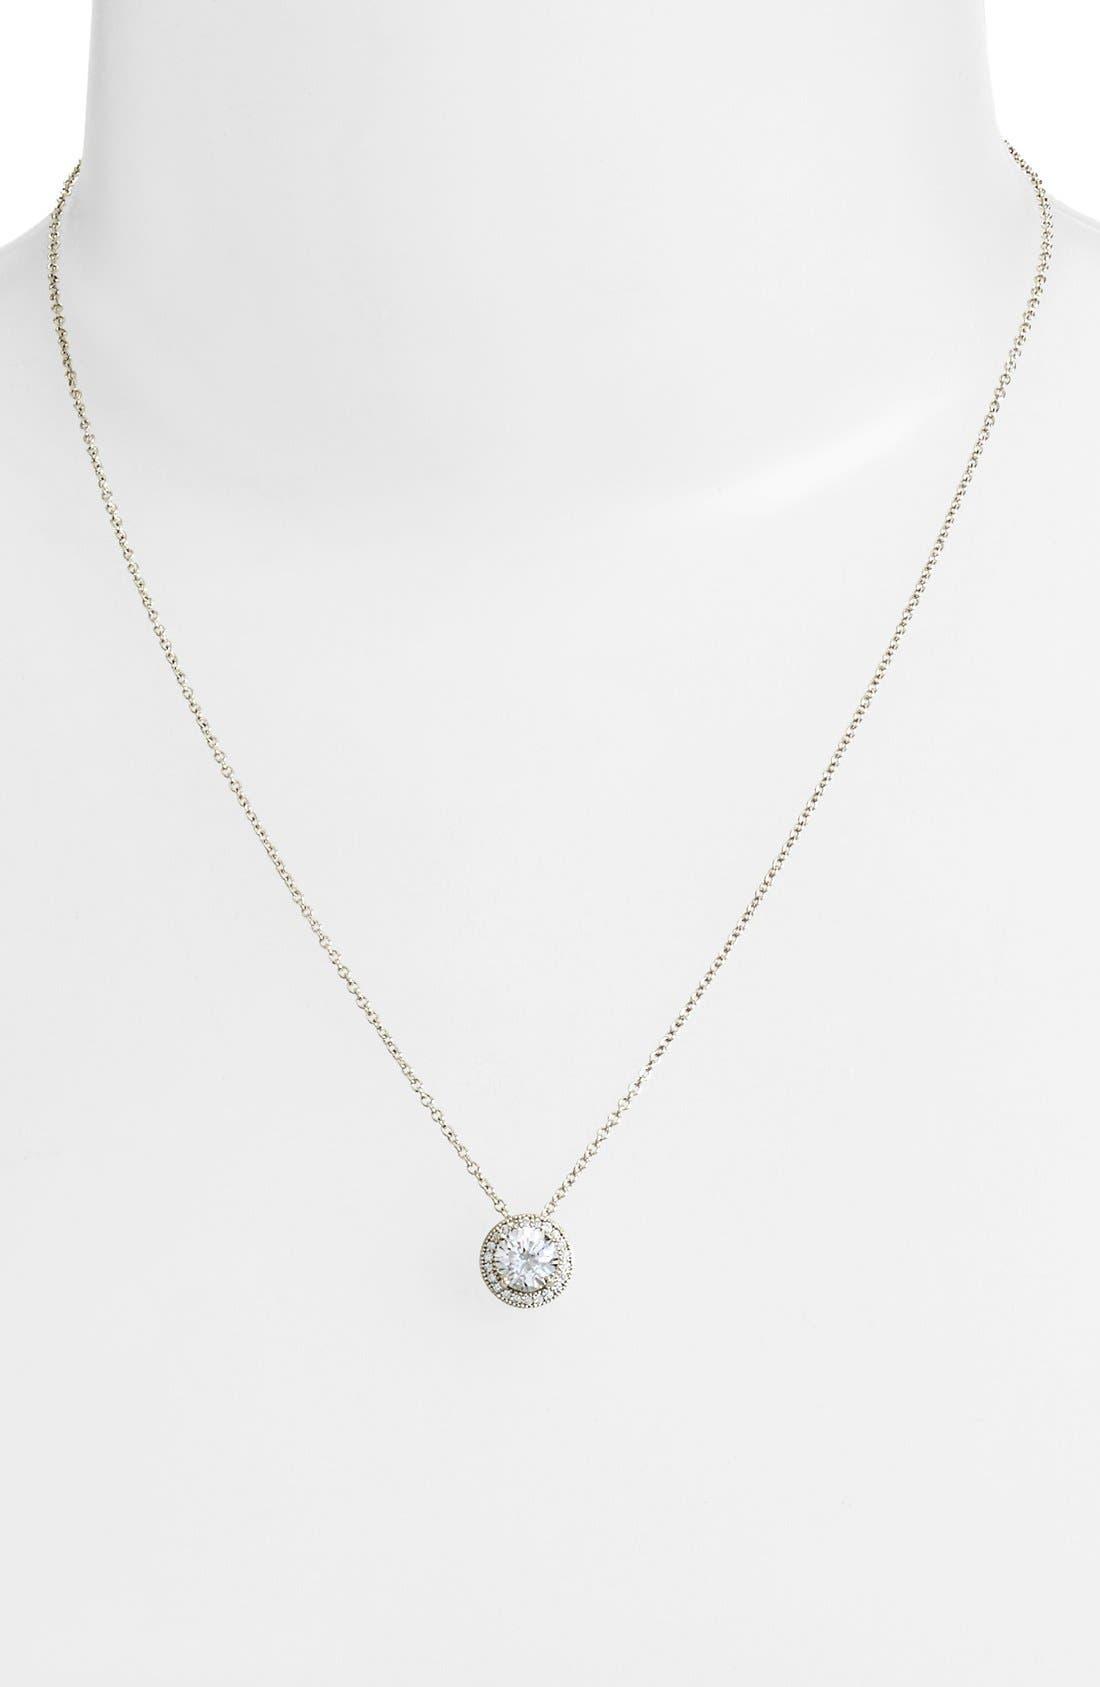 'Lassaire' Pendant Necklace,                             Alternate thumbnail 2, color,                             SILVER/ CLEAR